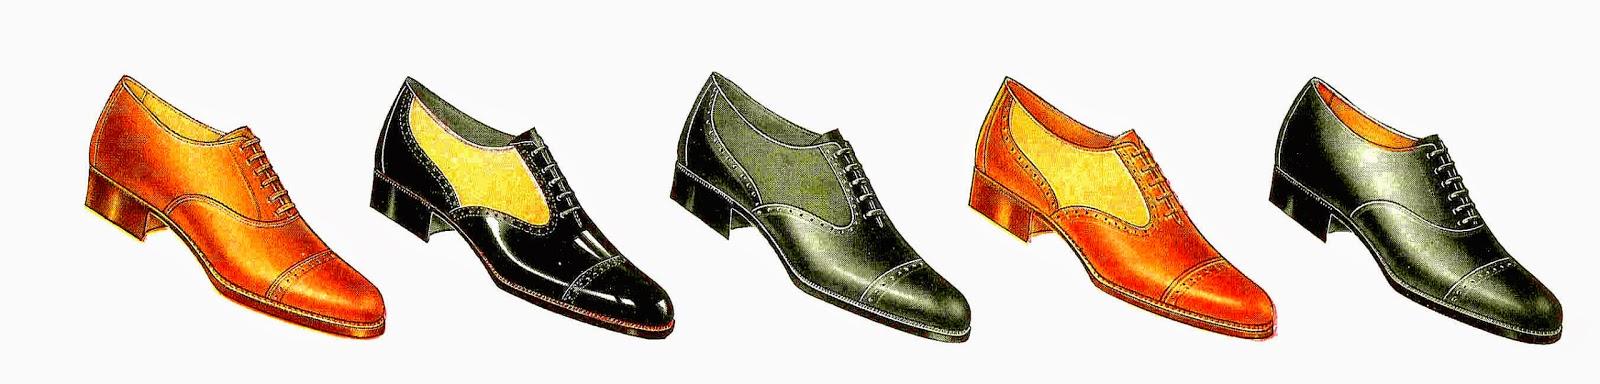 http://3.bp.blogspot.com/-NhAPJRz3oMk/U1bqBh_iSAI/AAAAAAAATrQ/3EbvmKgiKRI/s1600/mensshoes1.jpg